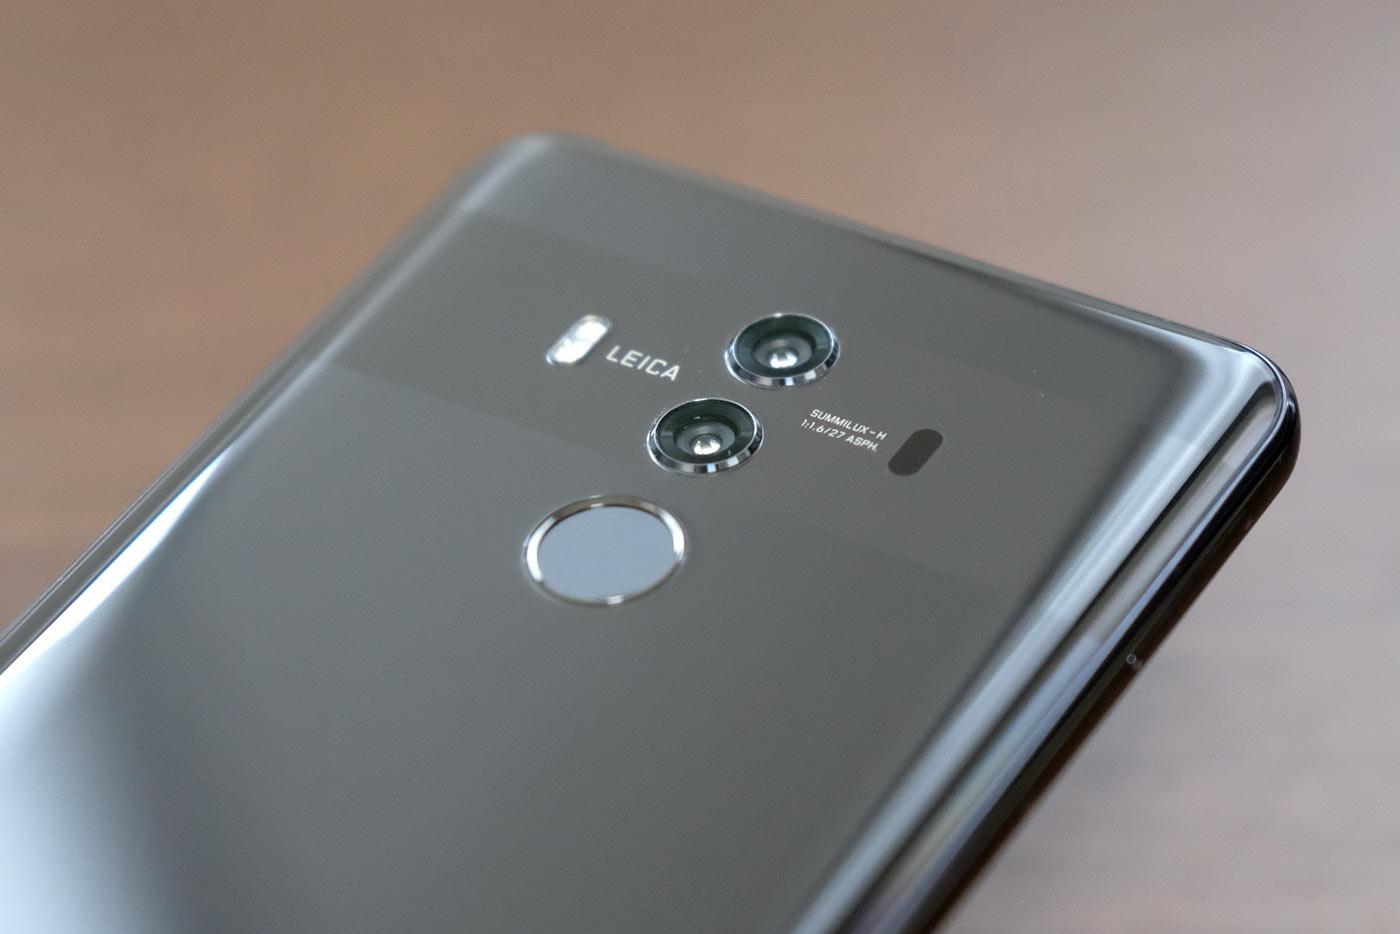 LEICAダブルレンズカメラ Mate 10 Pro